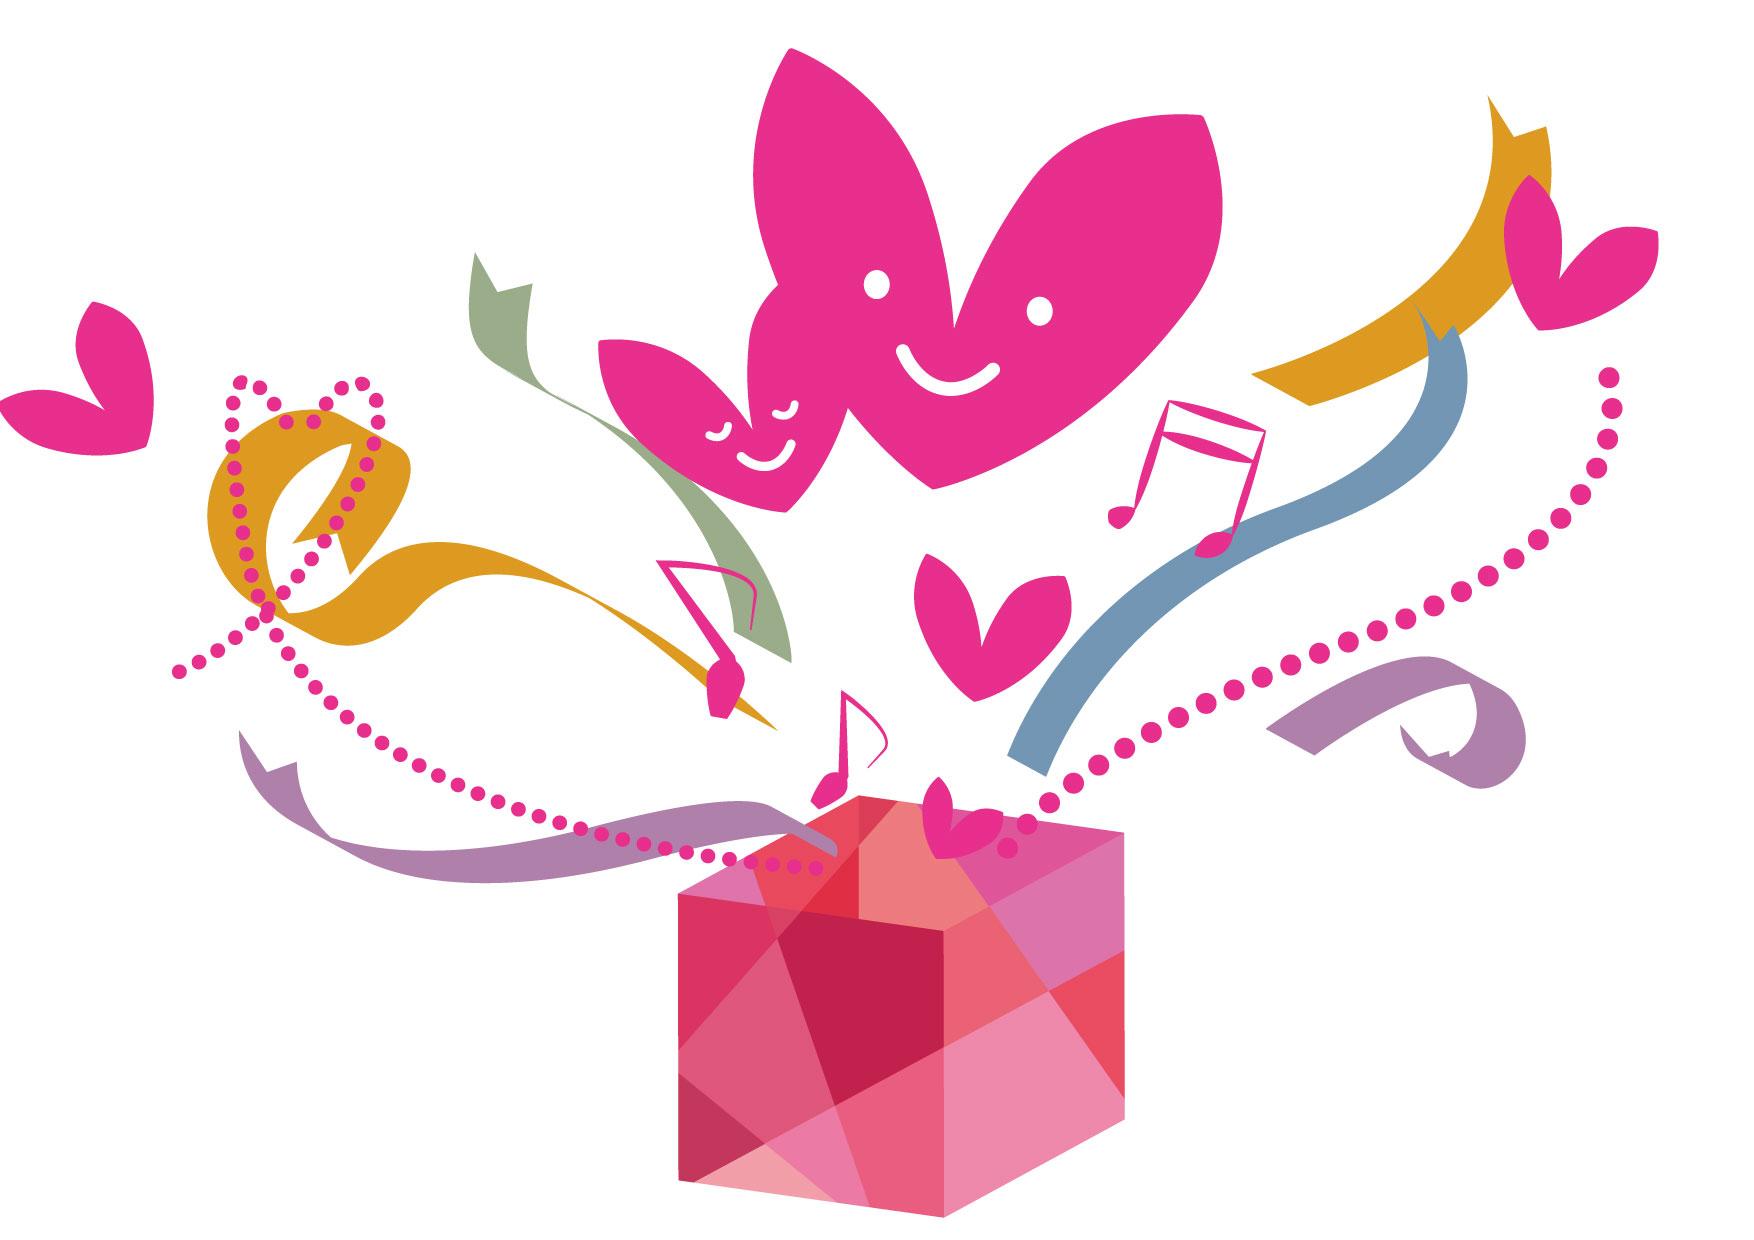 可愛いイラスト無料 バレンタイン ハート プレゼント リボン Free Illustration Valentine Heart Present Ribbon 公式 イラスト素材サイト イラストダウンロード